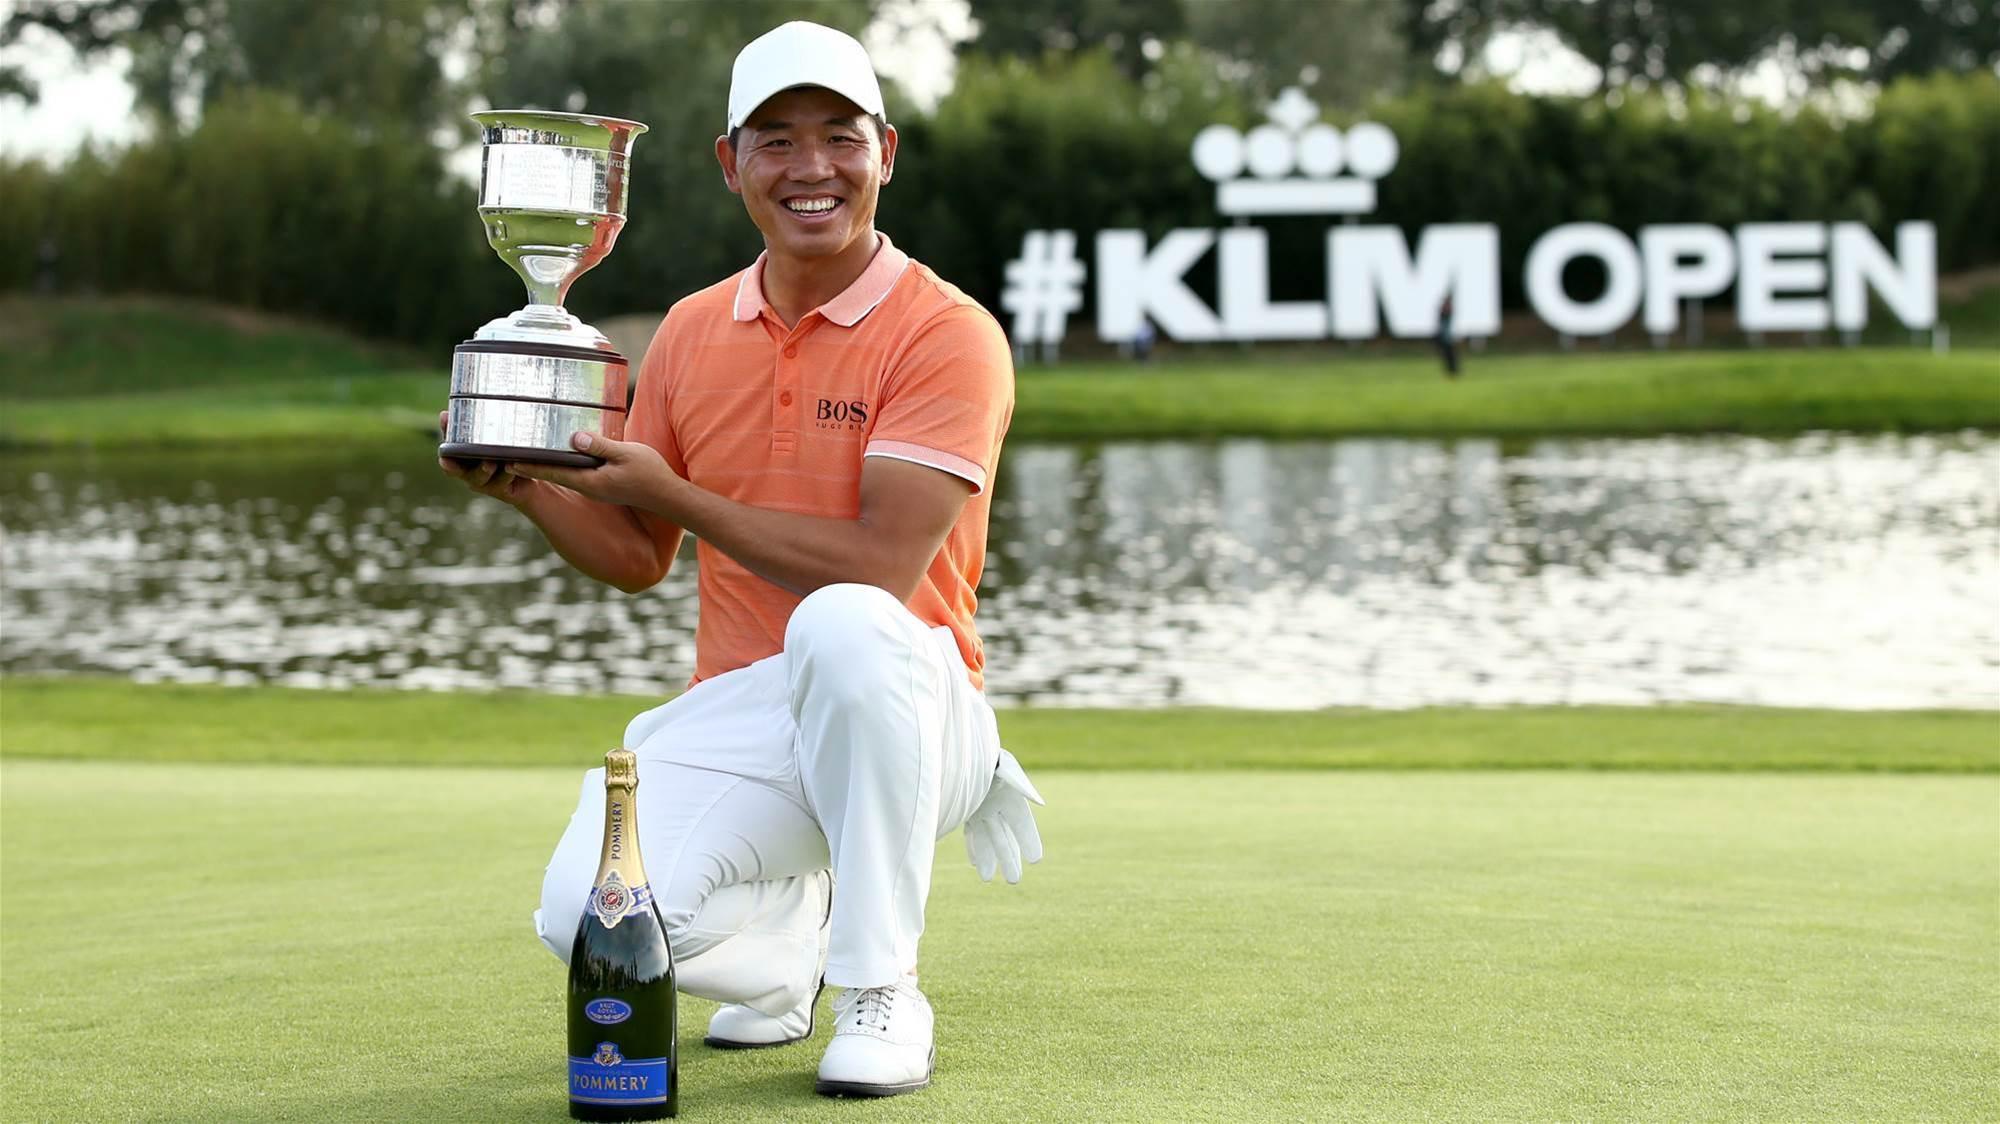 European Tour: Ashun Wu claims KLM Open